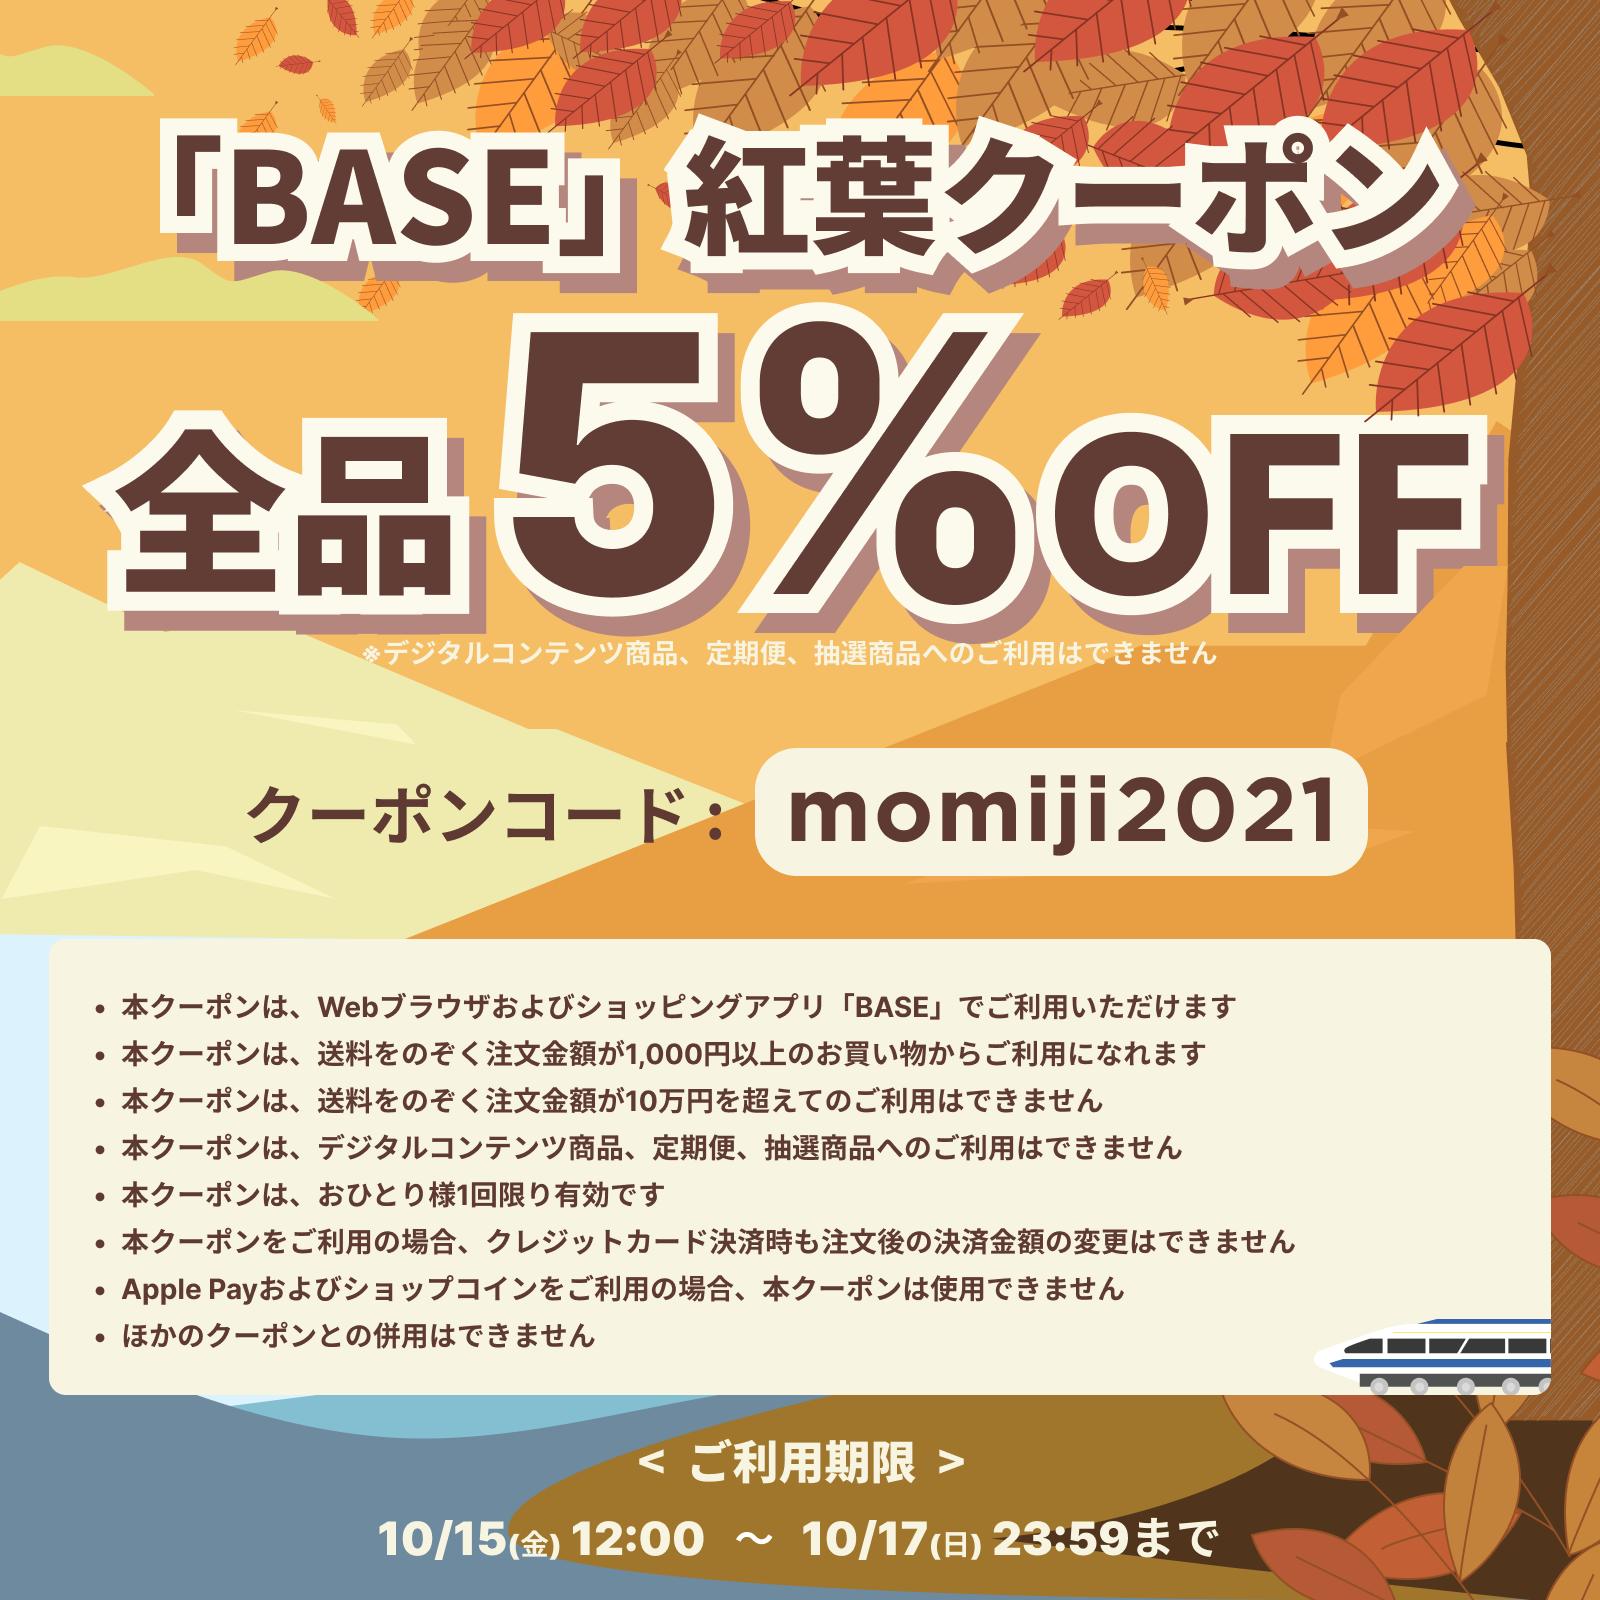 <informations ・ Octobre 2021 / 10月の営業予定>